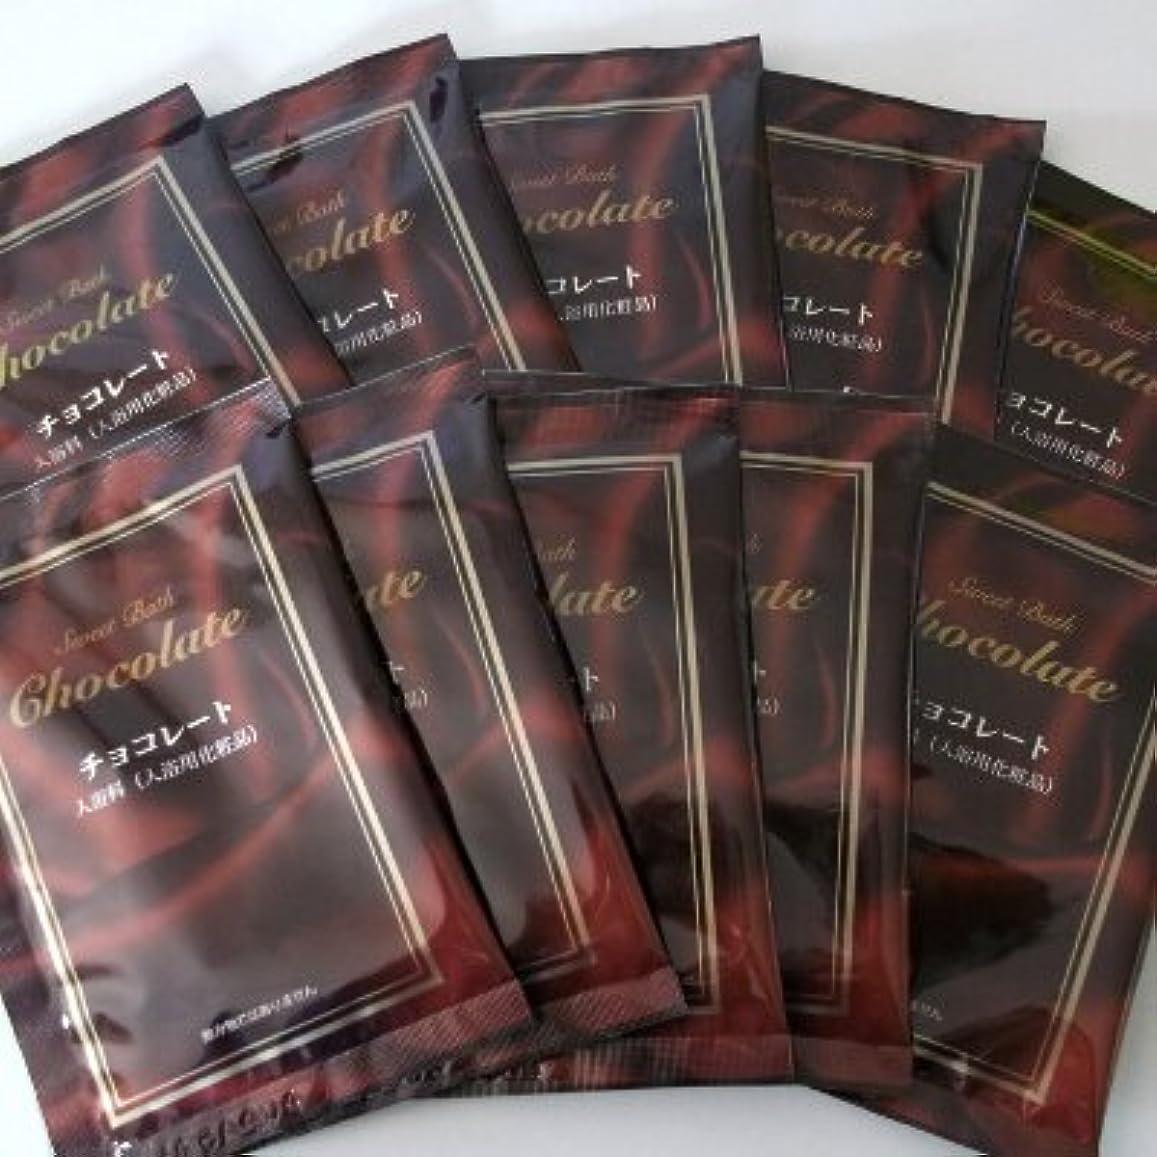 ベリー有益な有毒なスイートバス チョコレートの香り 10包セット